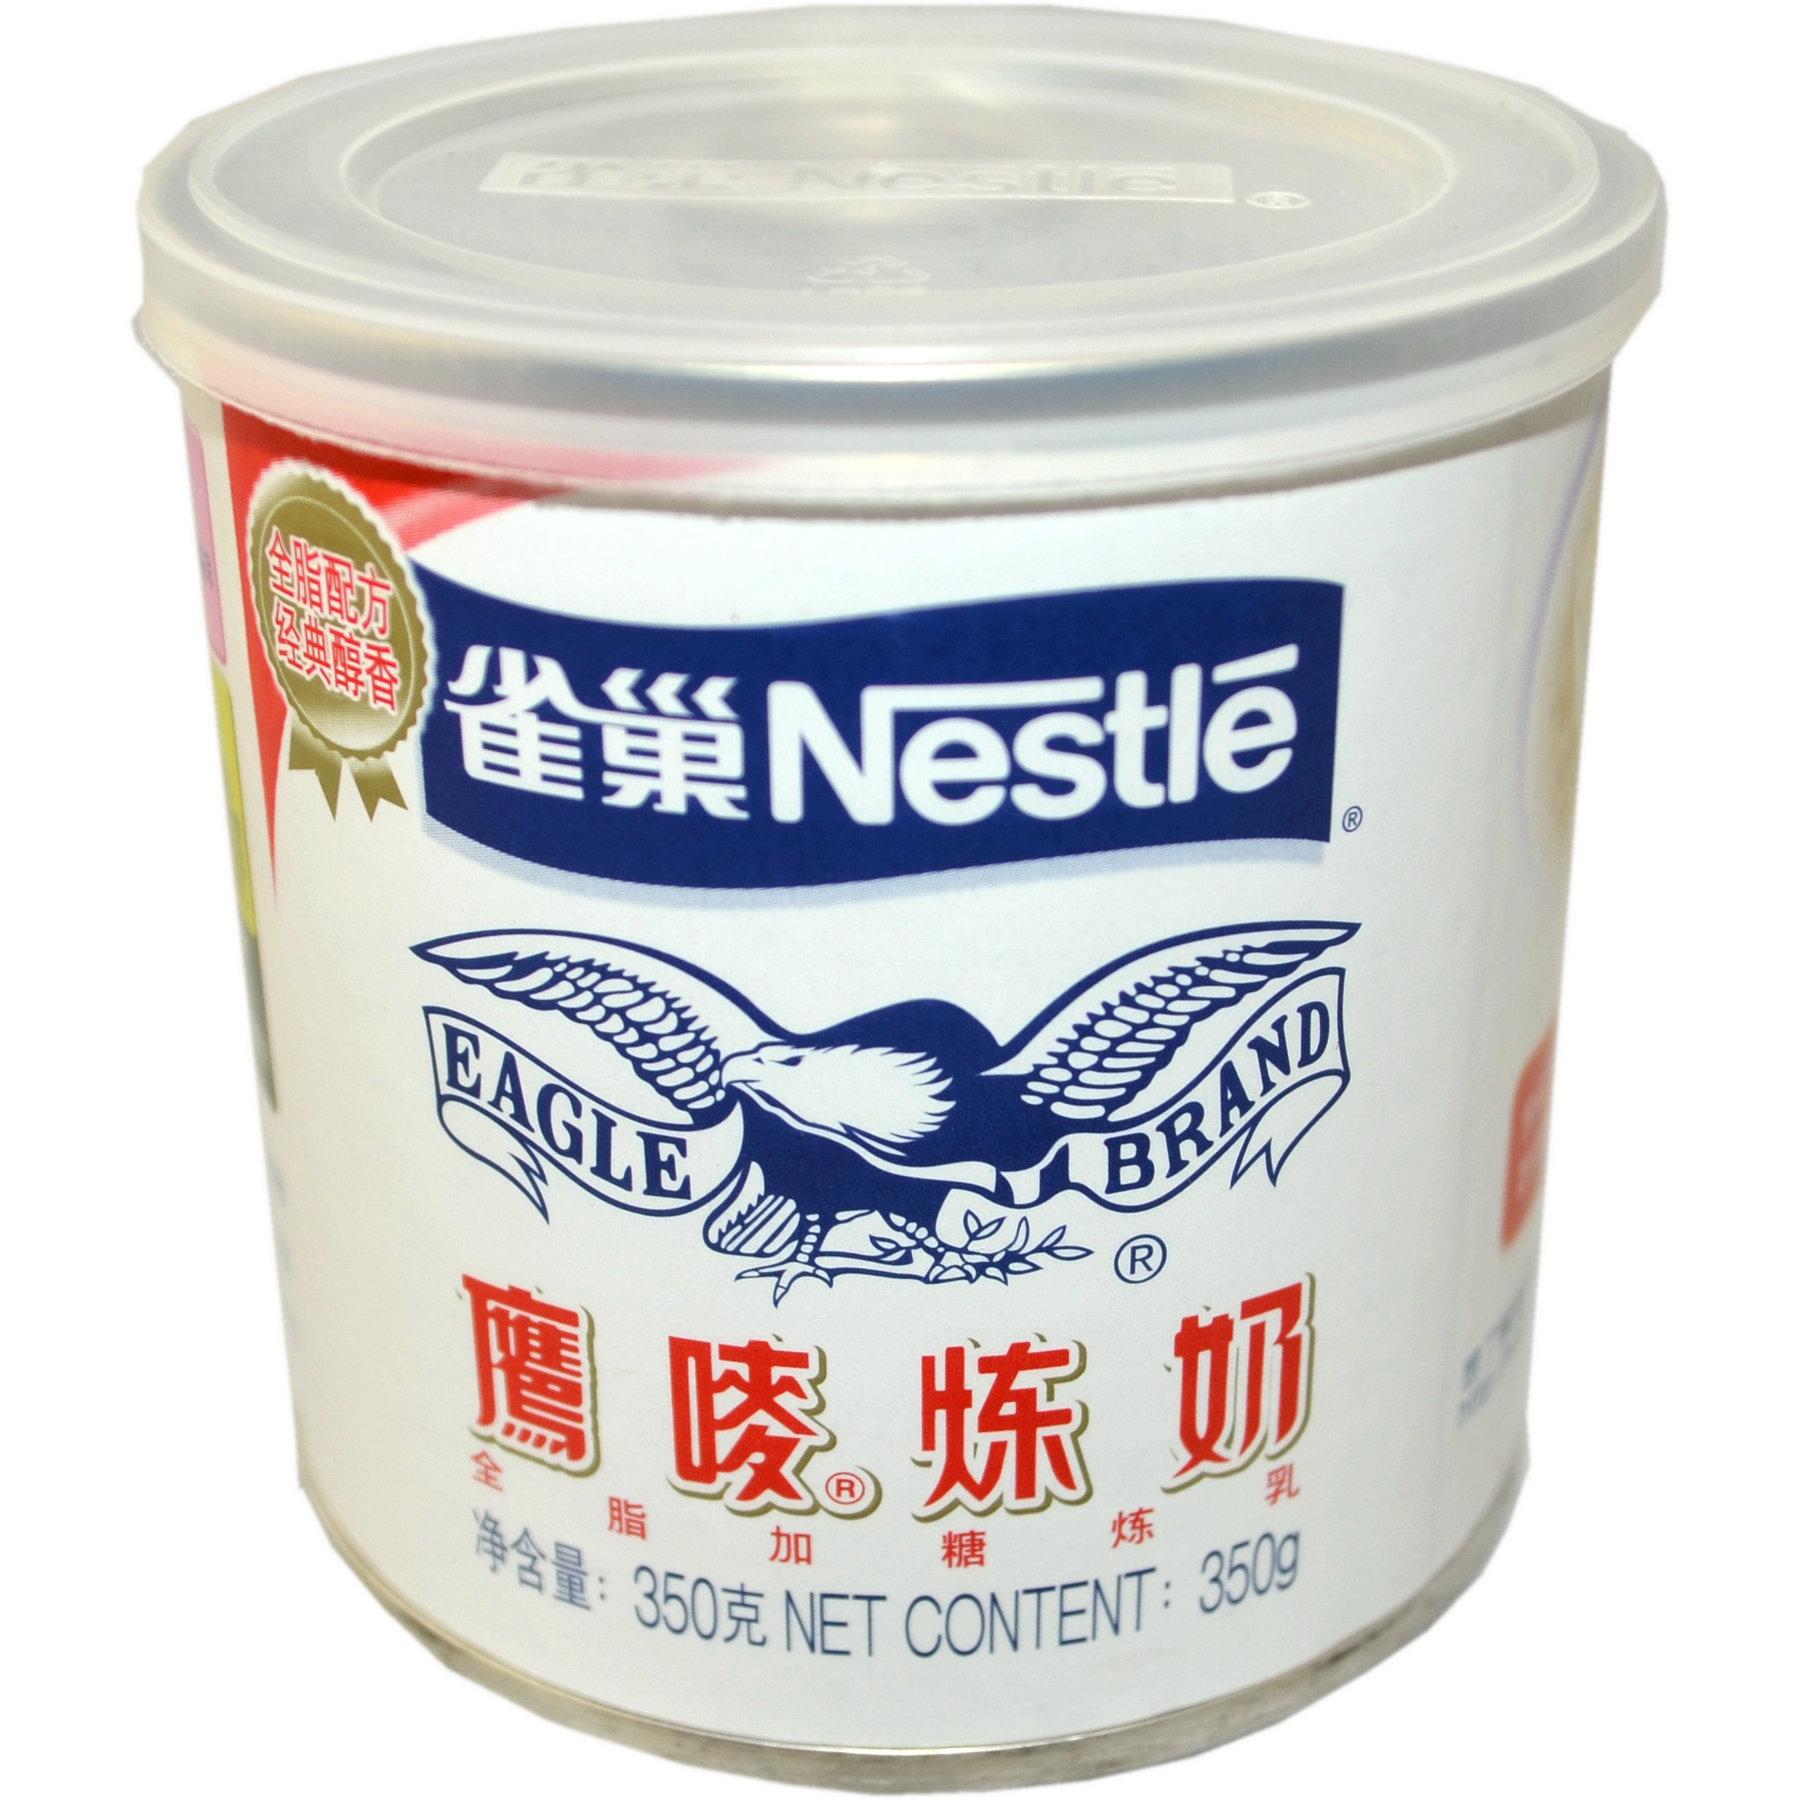 6罐起包邮雀巢鹰唛炼奶甜乳酱奶精炼乳制品350g面包烘焙原料